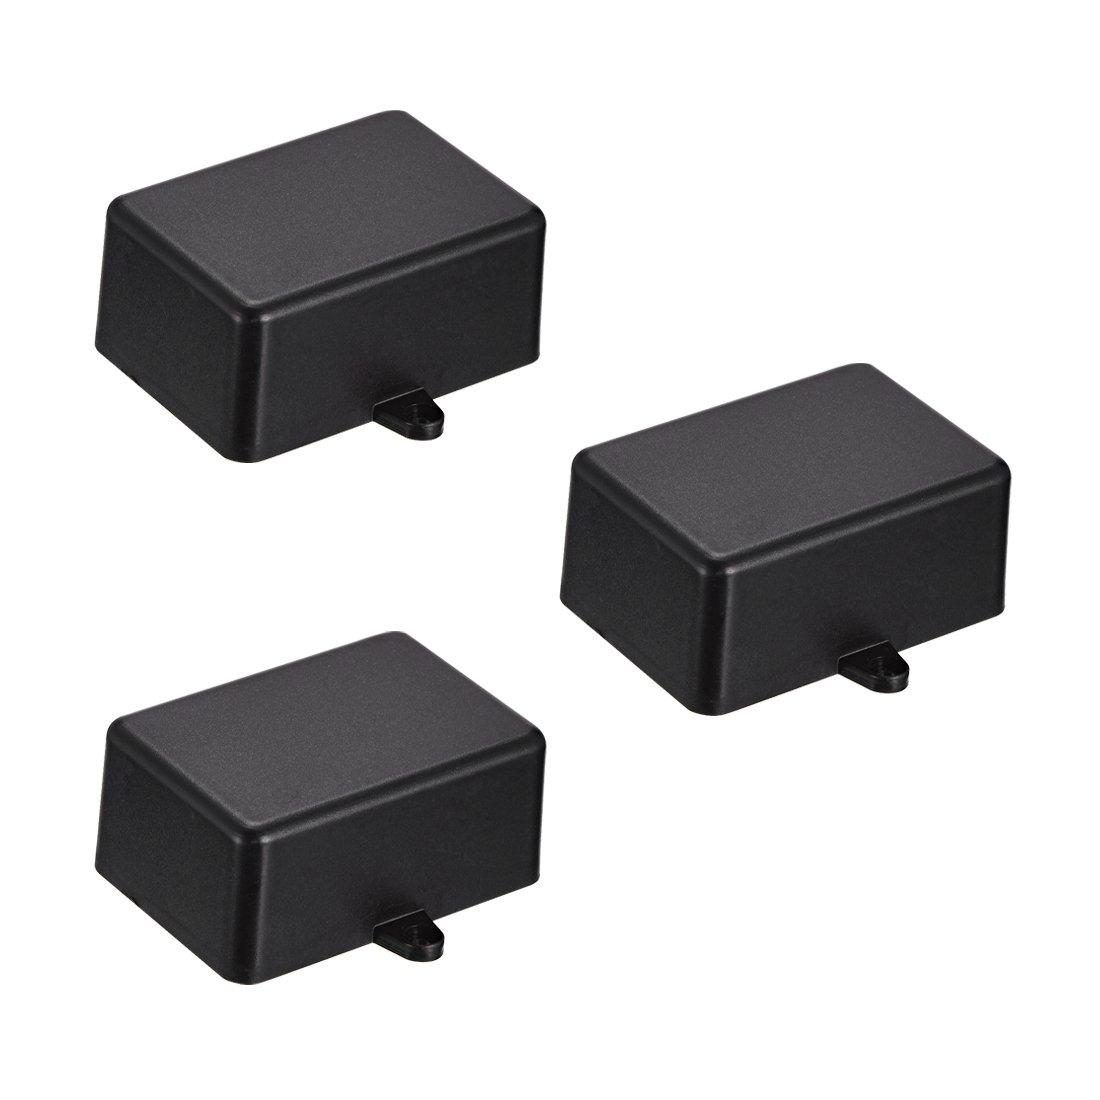 uxcell 8Pcs 58 x 35 x 15mm Electronic Plastic DIY Junction Box Enclosure Case Black a18051400ux0090